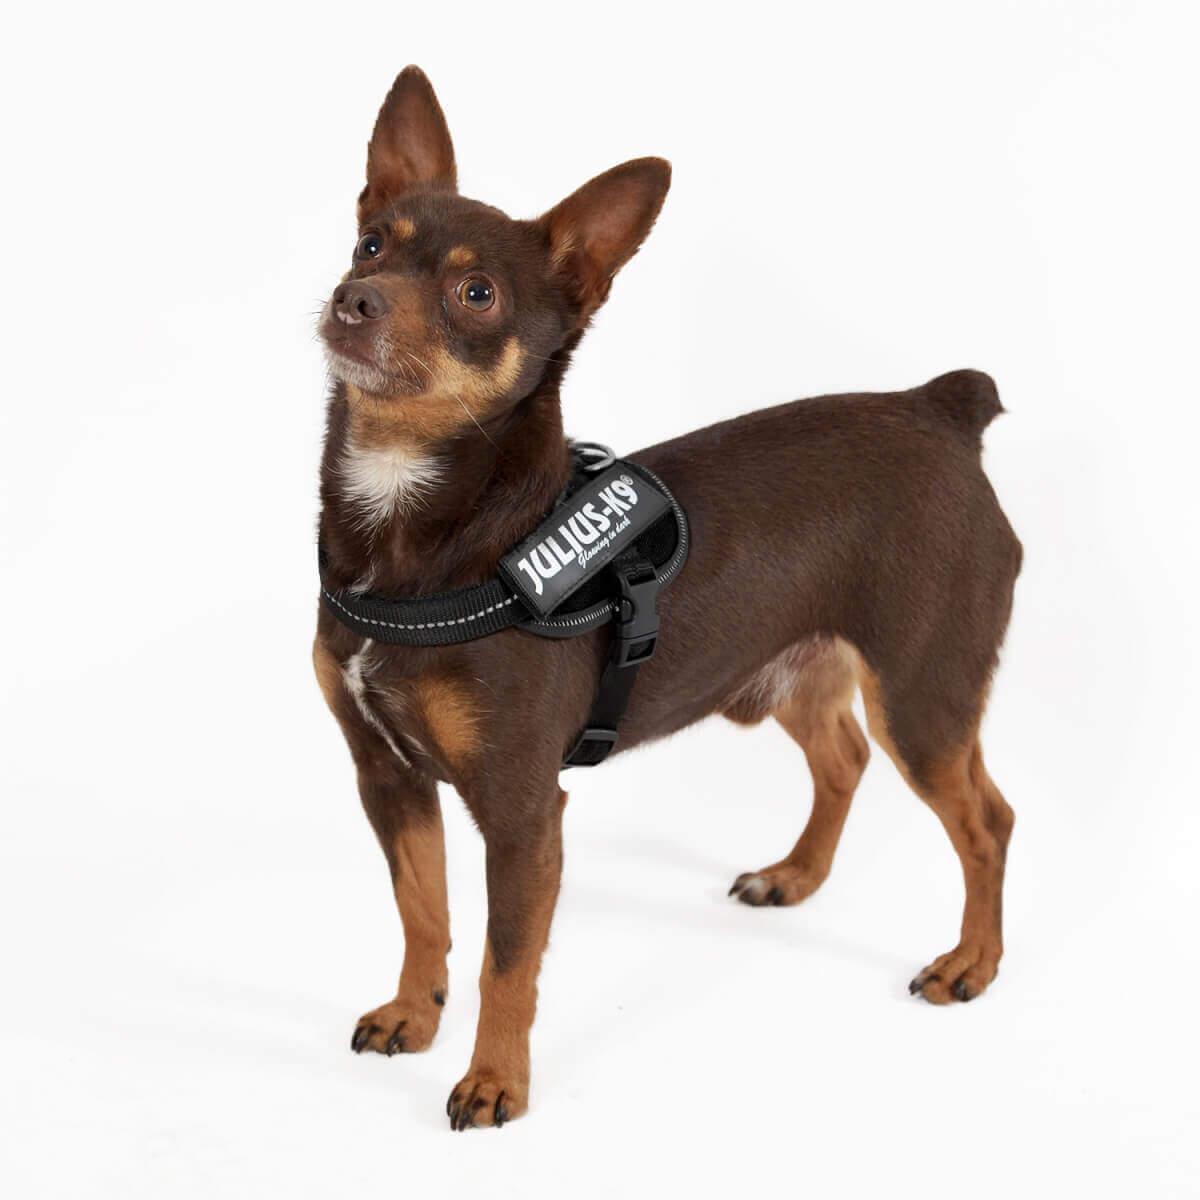 Harnais Power Julius-K9 IDC noir - Harnais pour chien